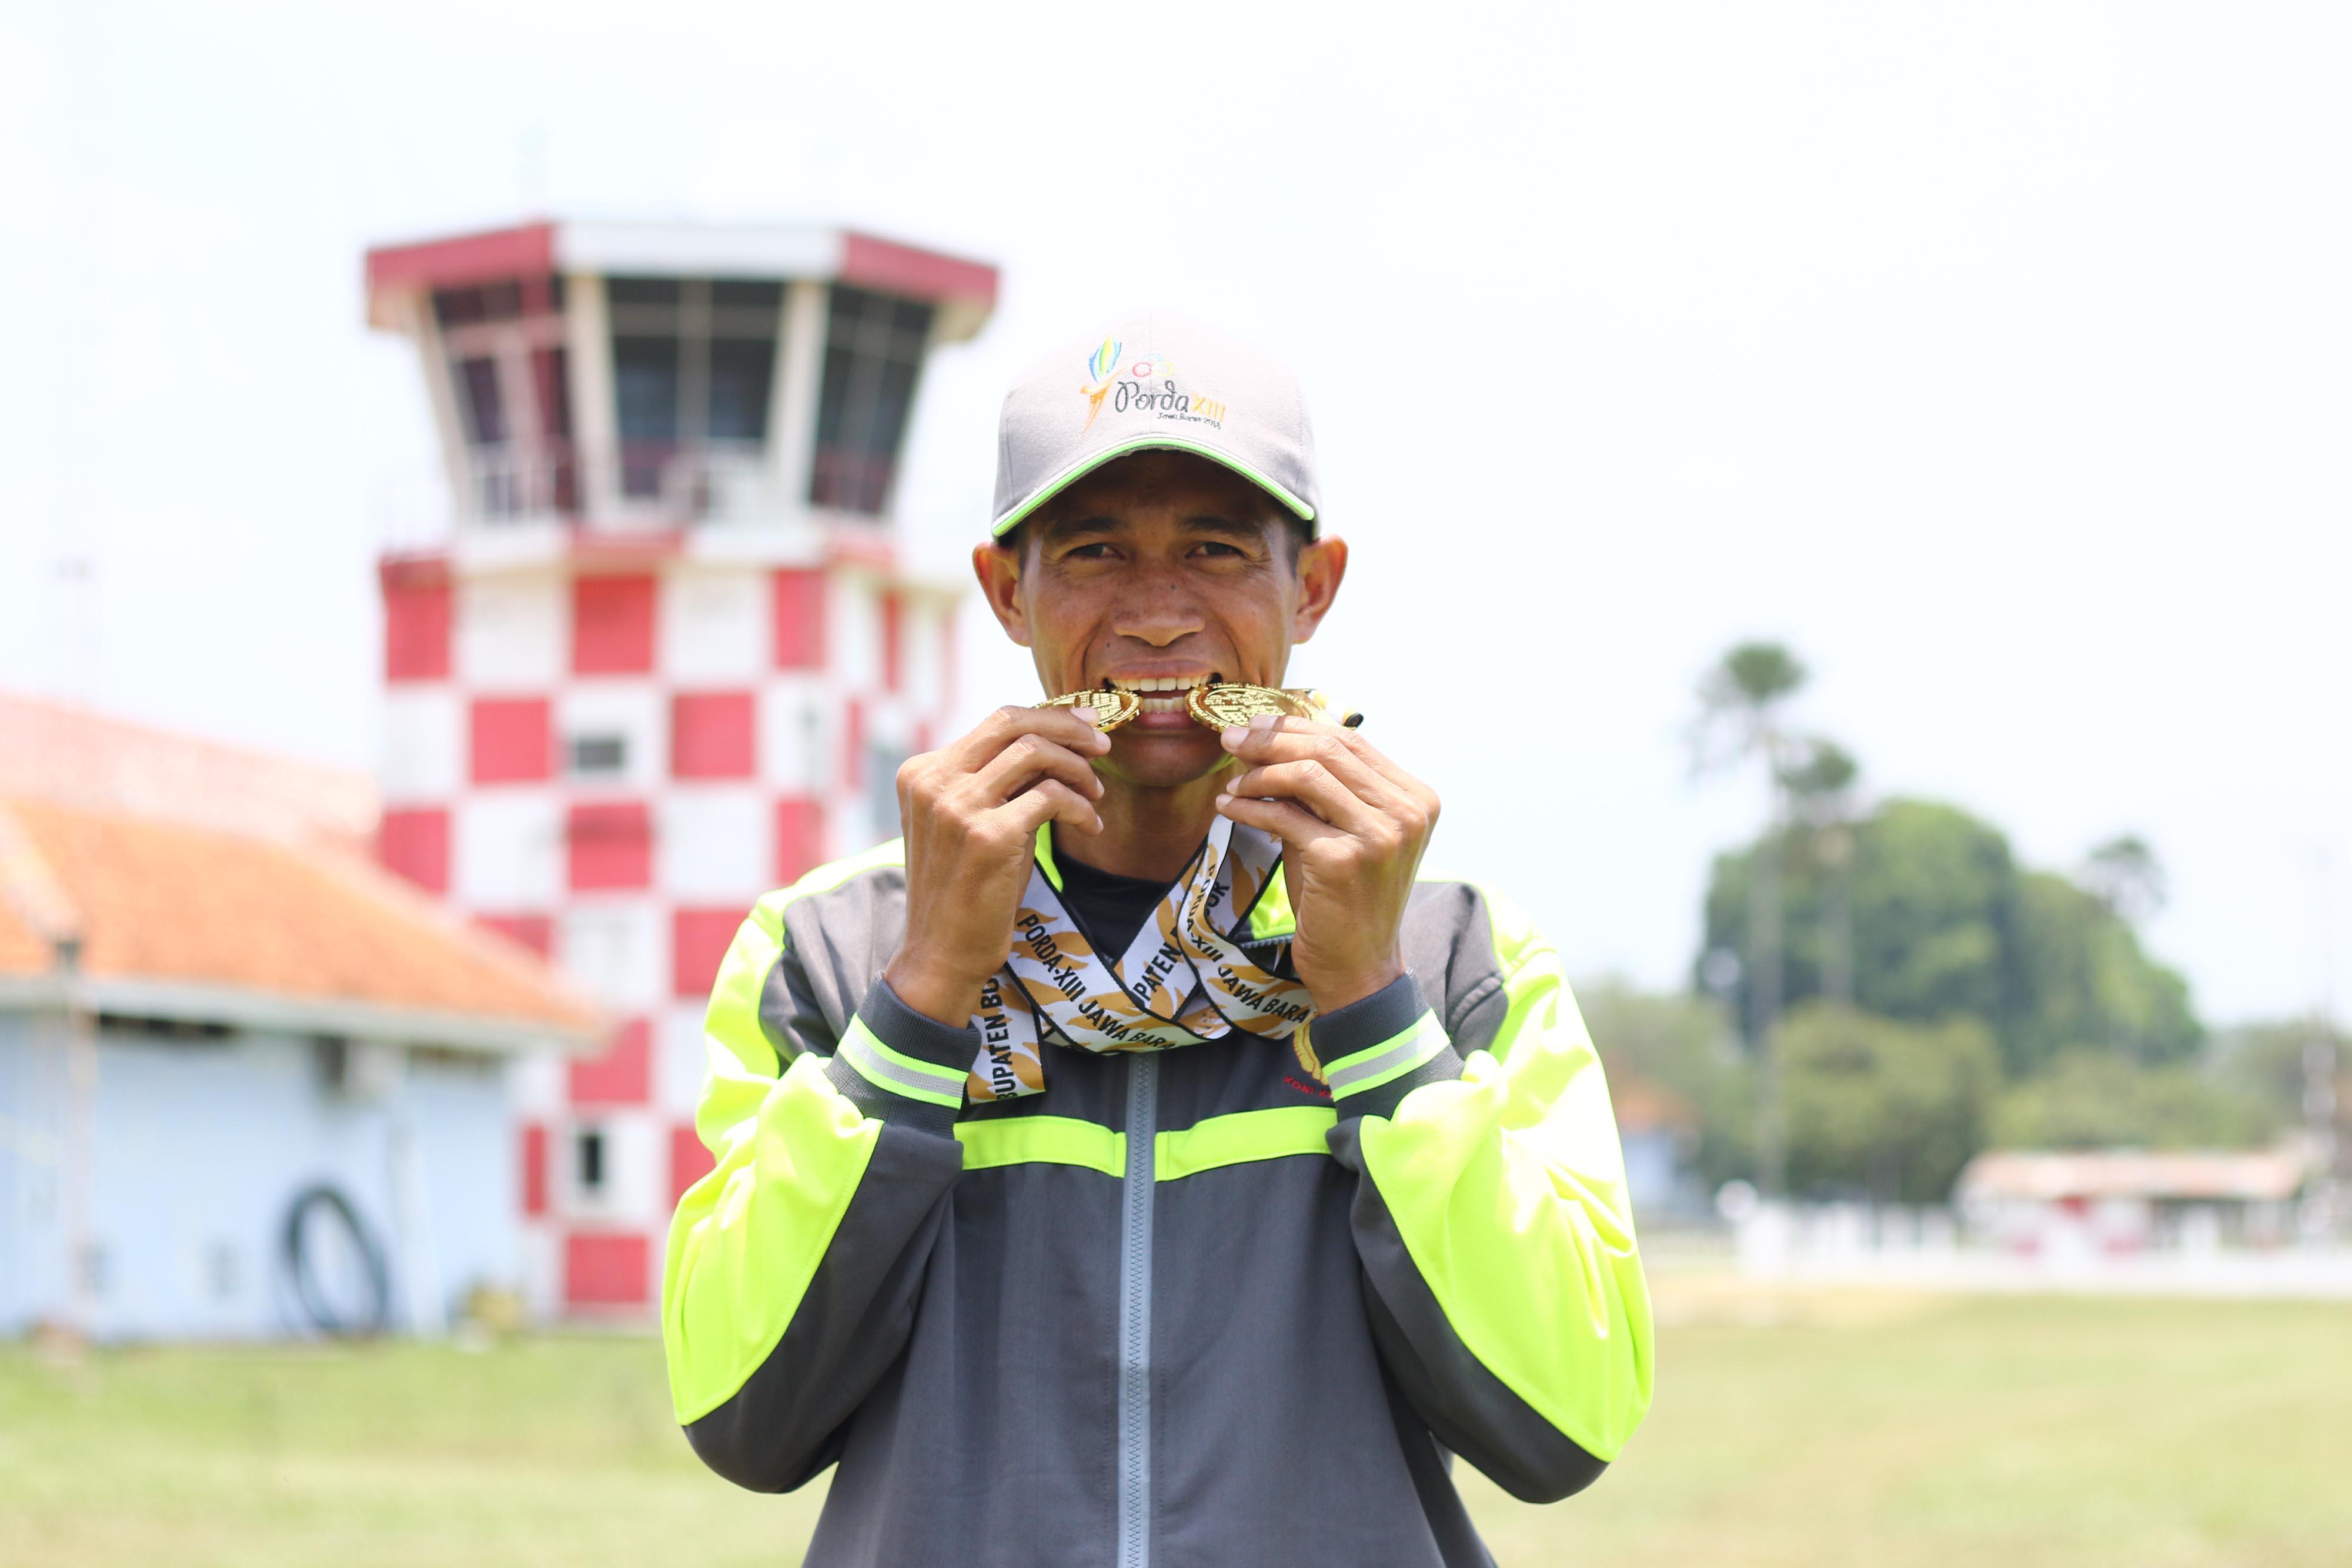 Arwis, Atlet Terjun Payung Kota Depok berpose dengan medali emas yang berhasil diraihnya pada PORDA JABAR XIII-2018 di Lanud. Atang Sendjaja, Semplak, Bogor pada Sabtu (29/9) siang. Arwis berhasil mempersembahkan dua medali emas untuk Kota Depok di nomor Ketepatan Mendarat Perorangan dan Beregu Putra. KONI KOTA DEPOK/Faruqi/2018